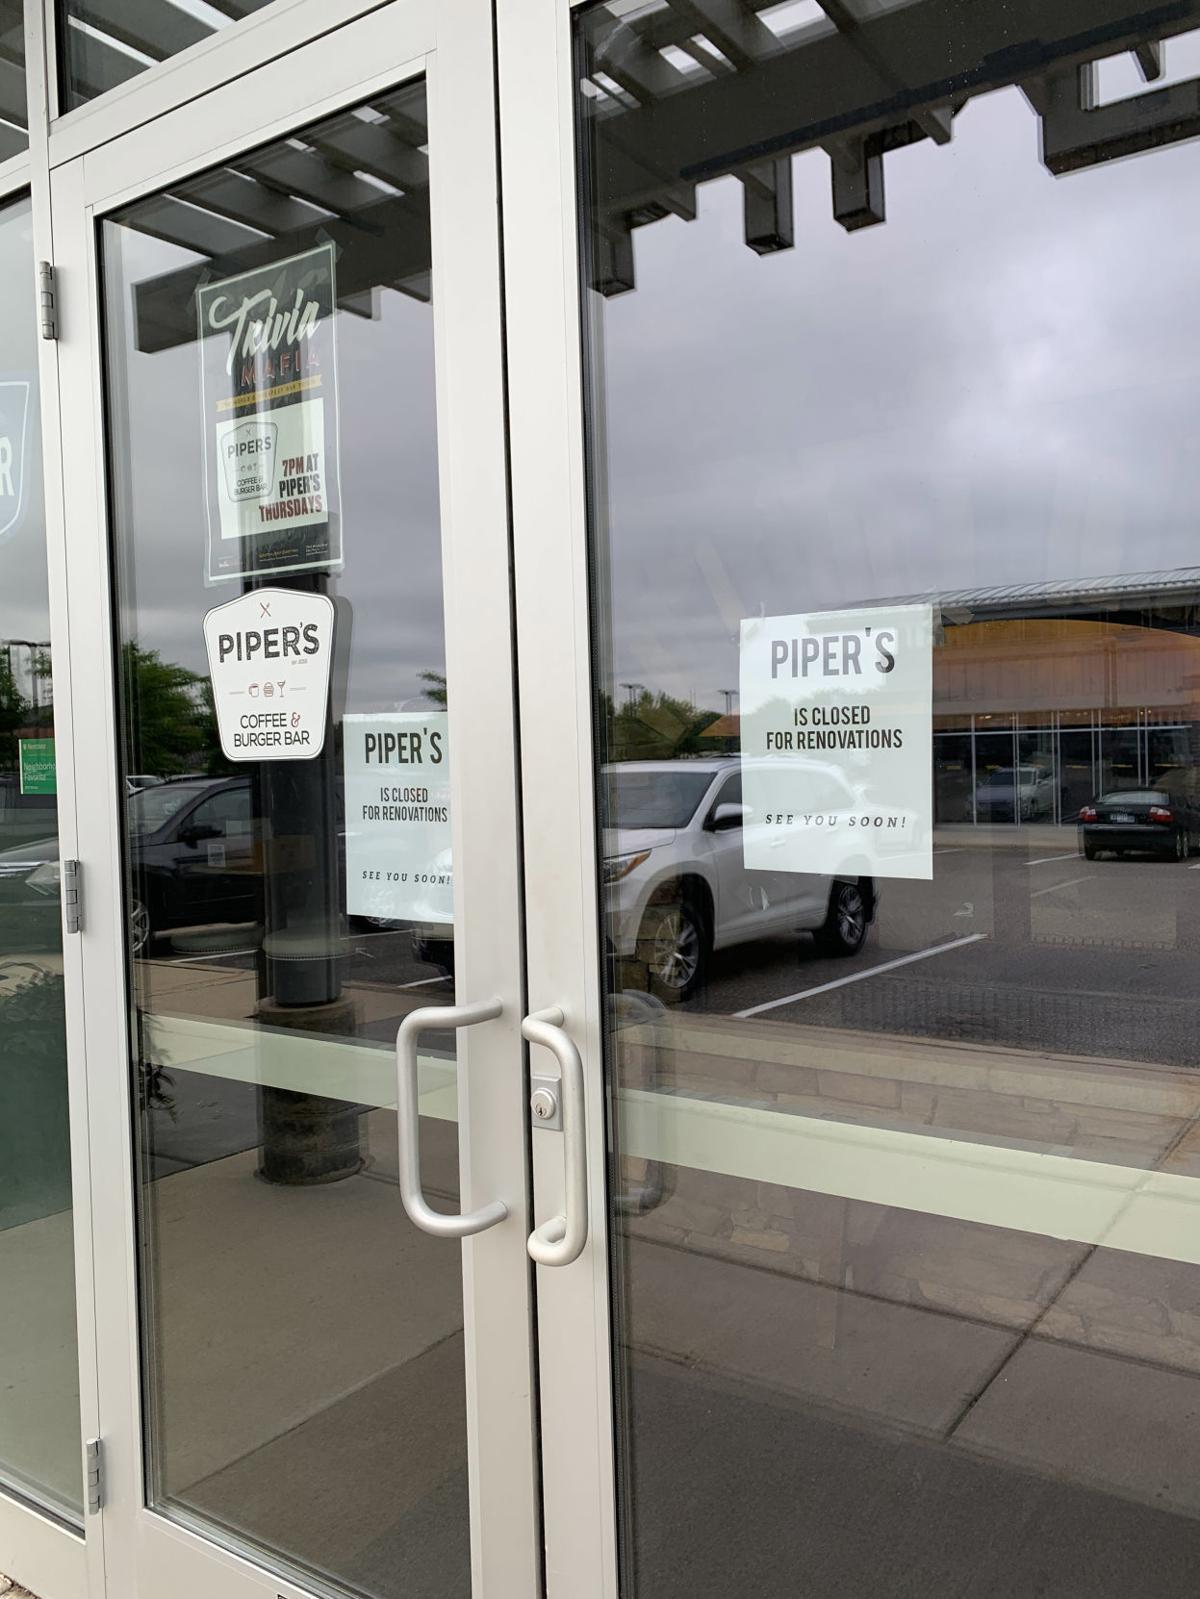 Piper's Eden Prairie sign